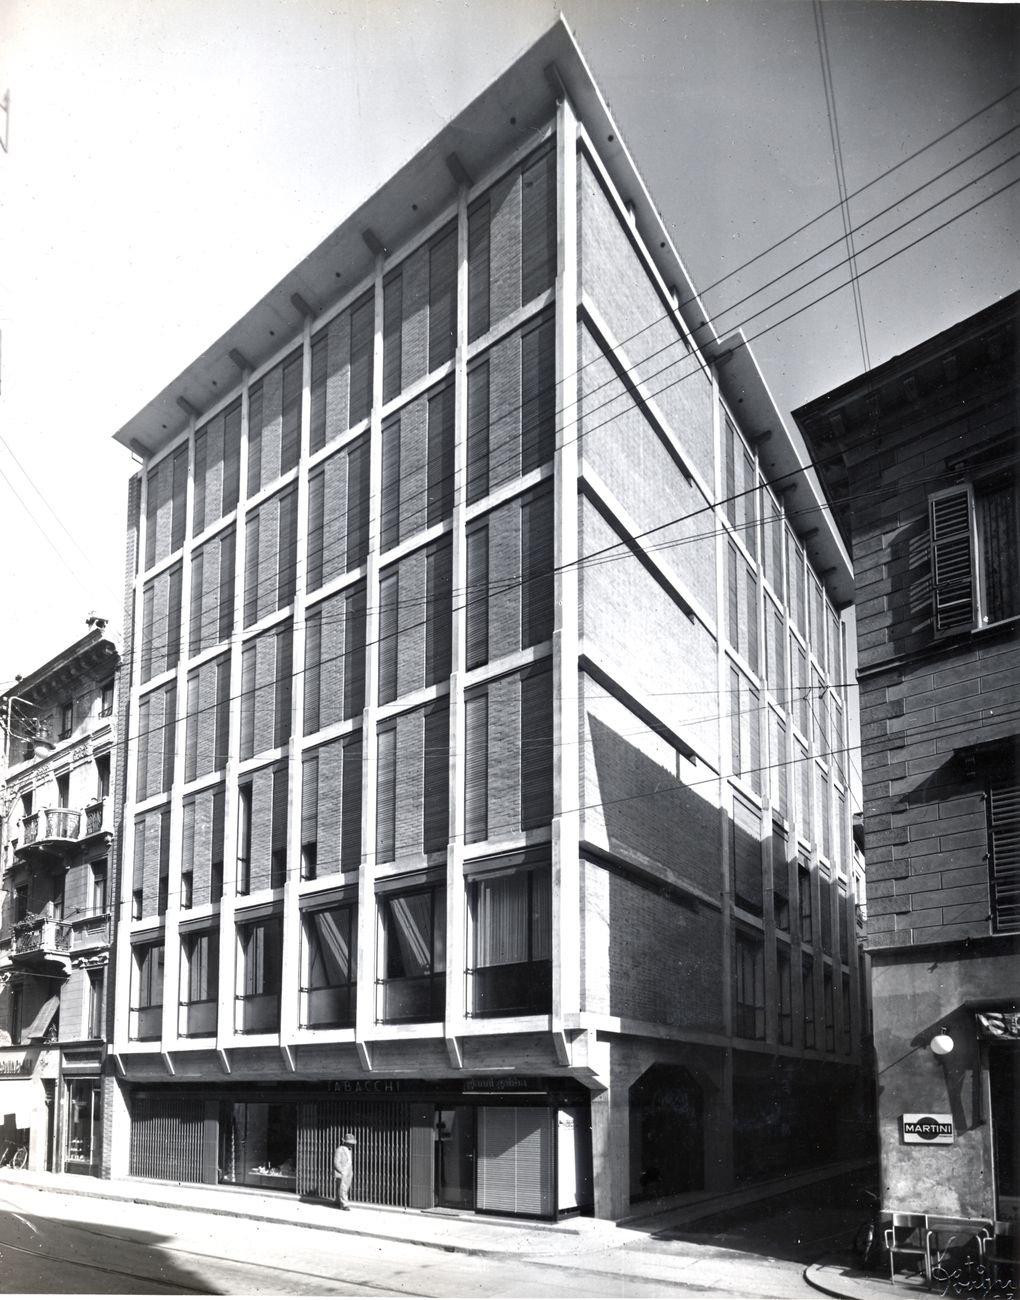 Franco Albini, Edificio per uffici dell'Ina, Parma, 1950-54 © Fondazione Franco Albini